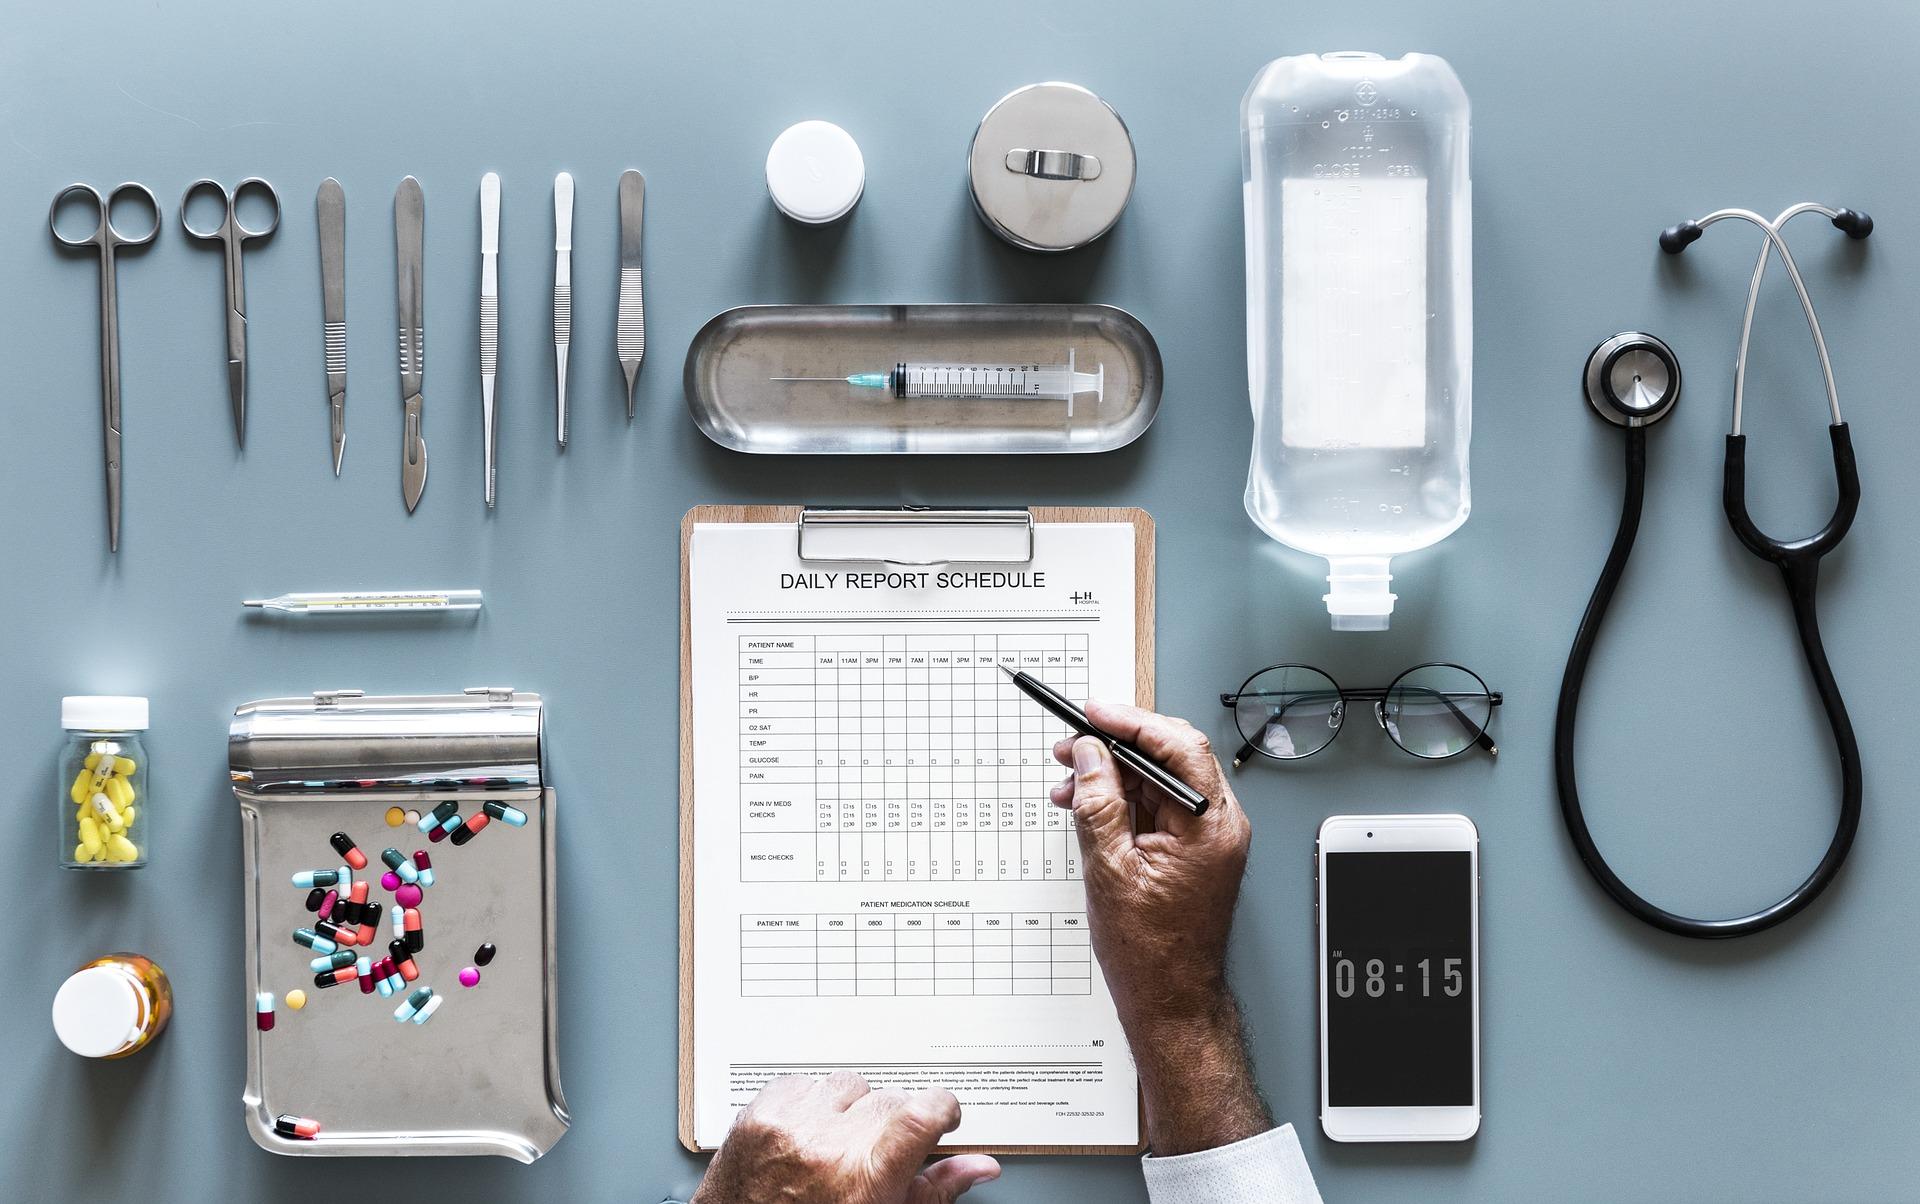 Auf einem Tisch liegen Medikamente und Hilfsmittel für Ärzte - wie sieht eine gute Praxis Homepage aus?